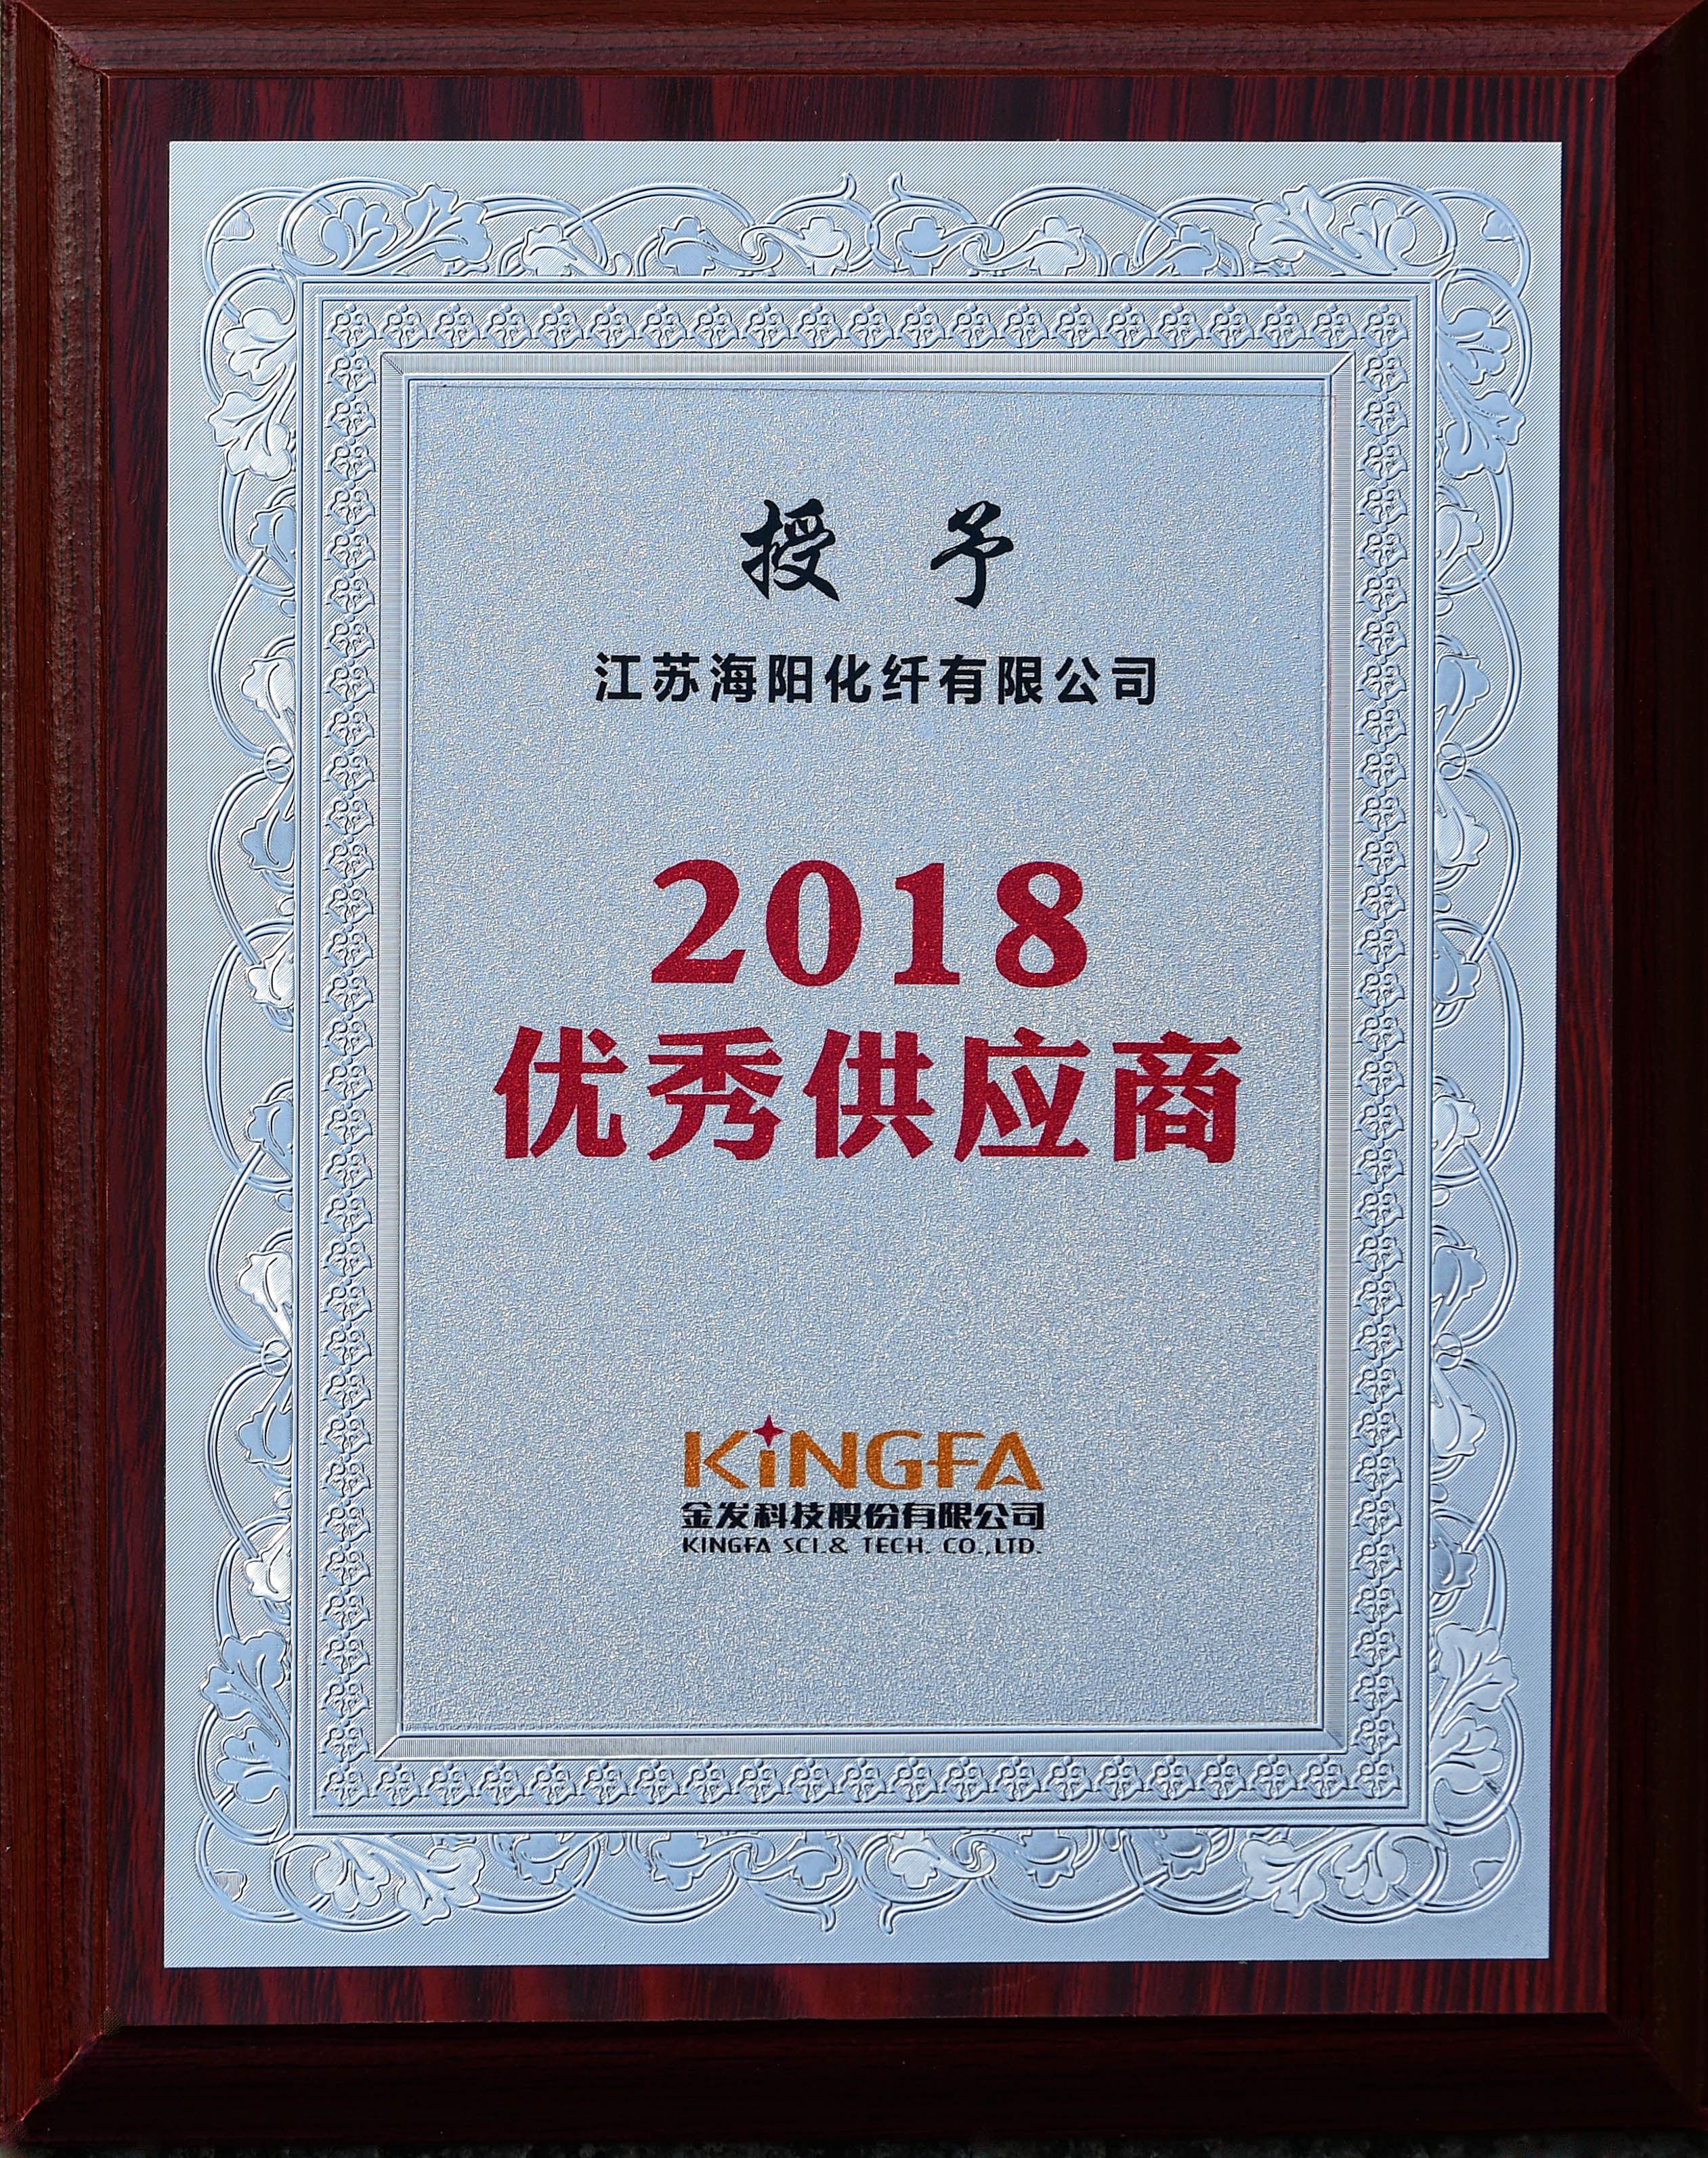 2014年度优秀供应商-秋雪荣誉